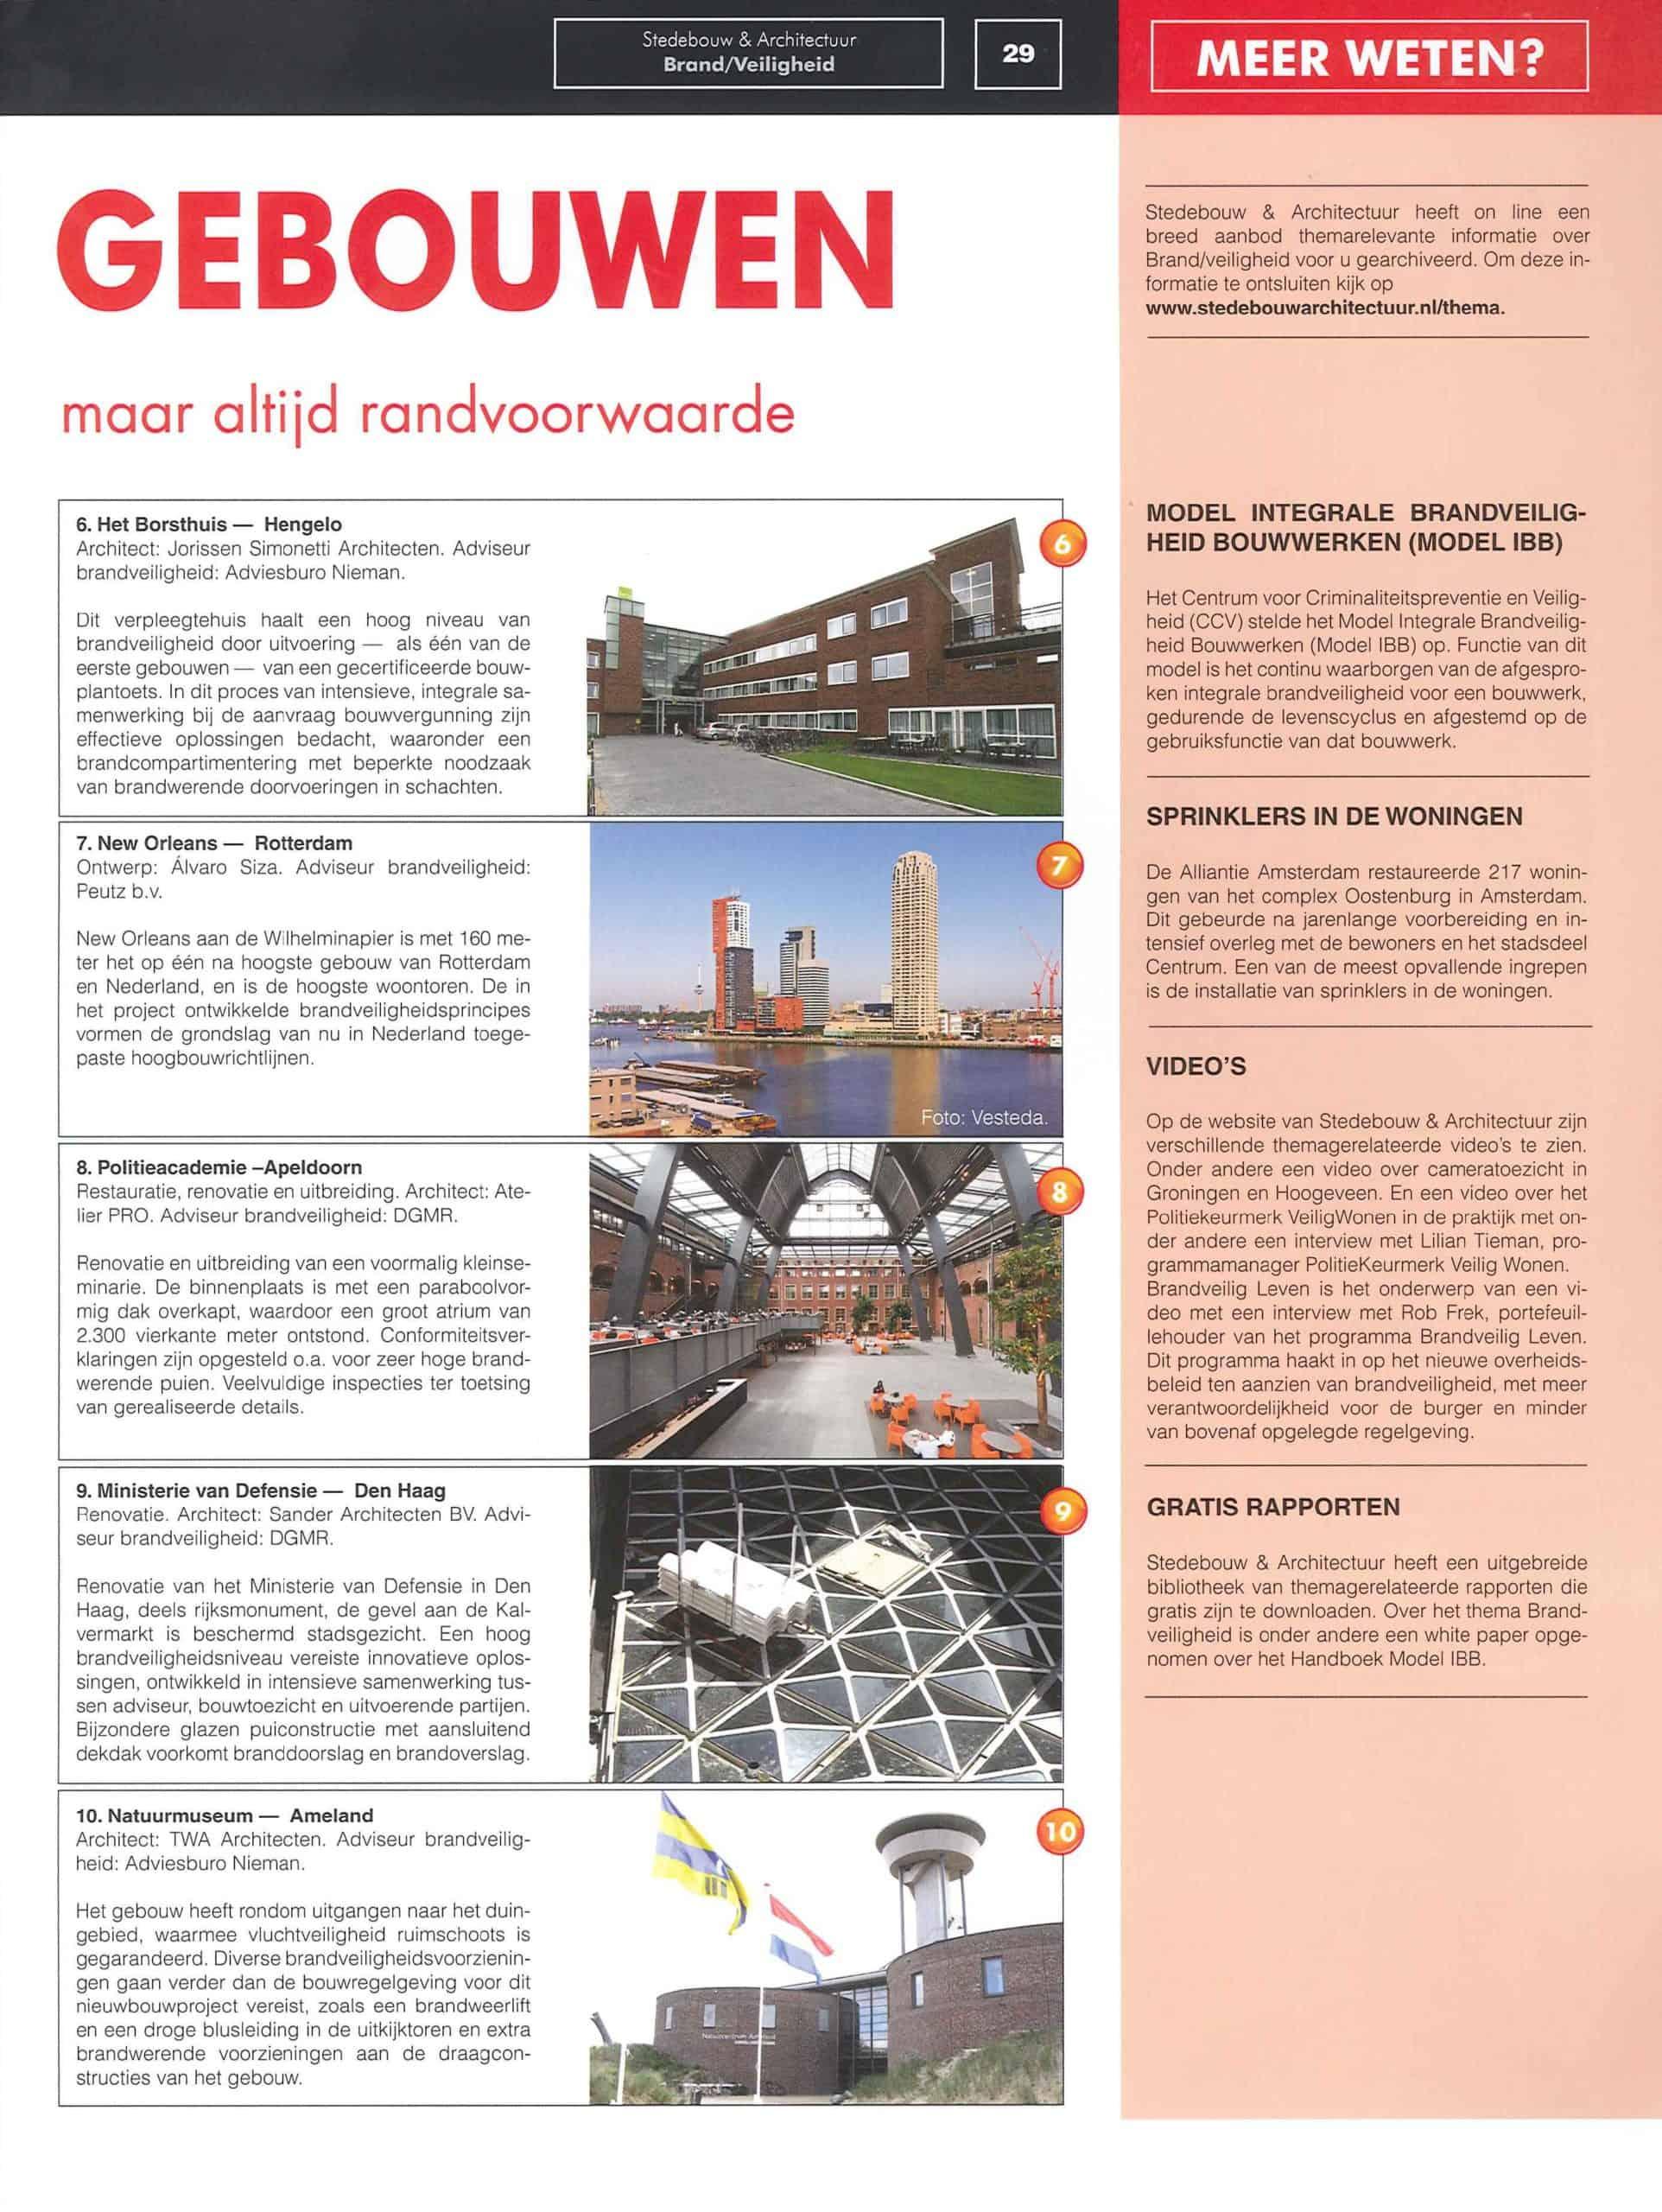 Stedebouw-en-Architectuur-2011-06_Top-10-brandveilige-gebouwen_2-1-scaled